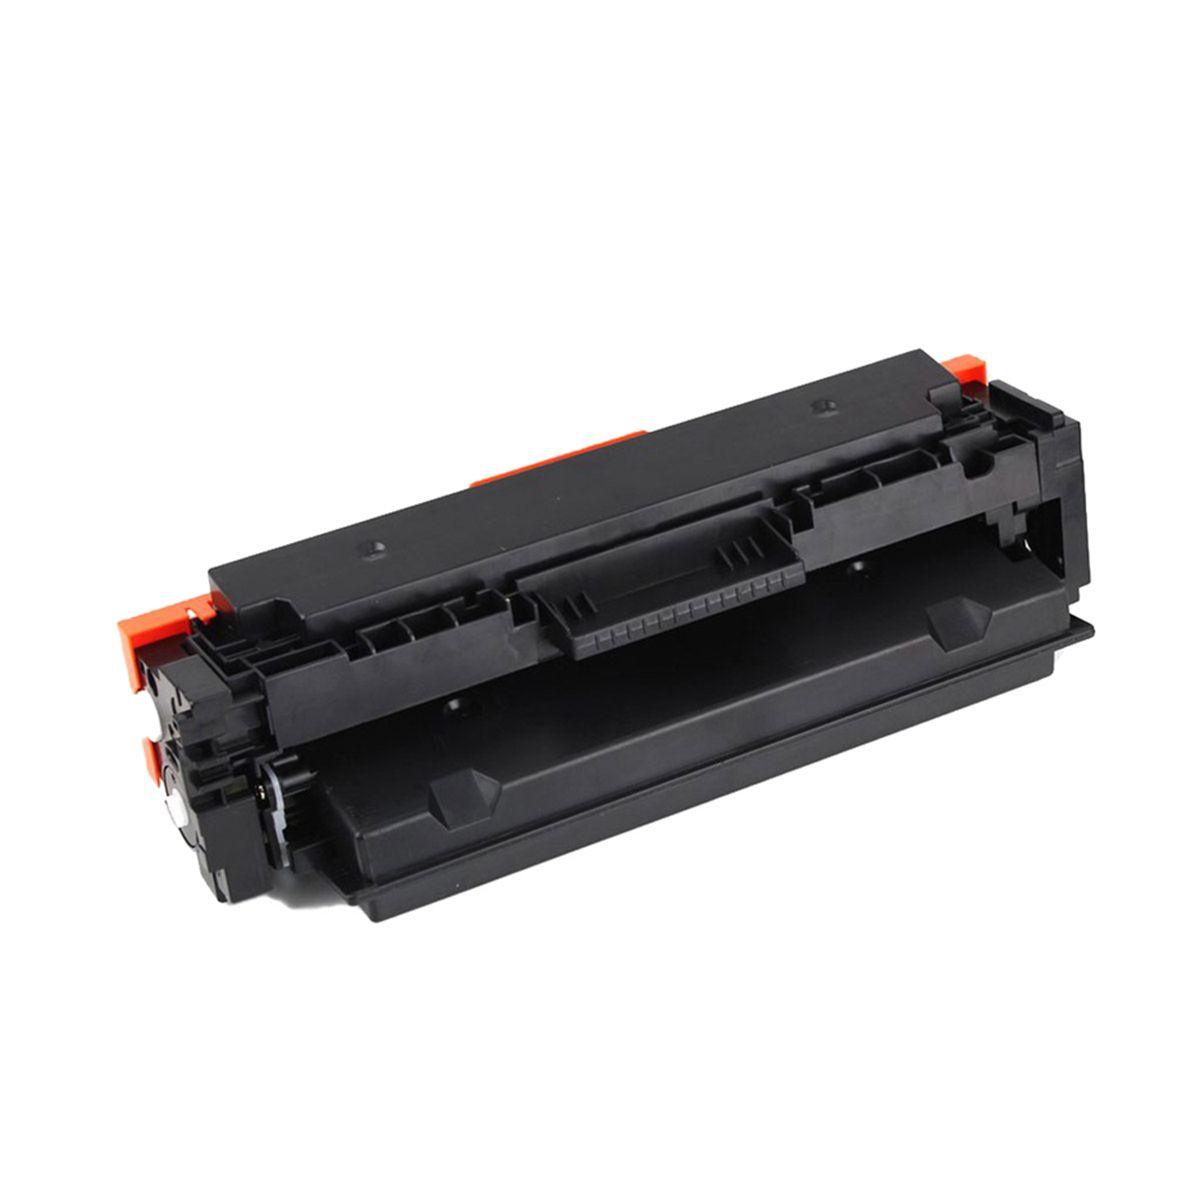 Toner  HP CF-410A CF410 CF-410 CF-410AB 410A CF410AB.BLACK COMPATÍVEL HP M-452DW M452 M-452, M-452DN, M452NW M-452NW, M-477FDW M477 M-477, M-477FNW, M-477FDN